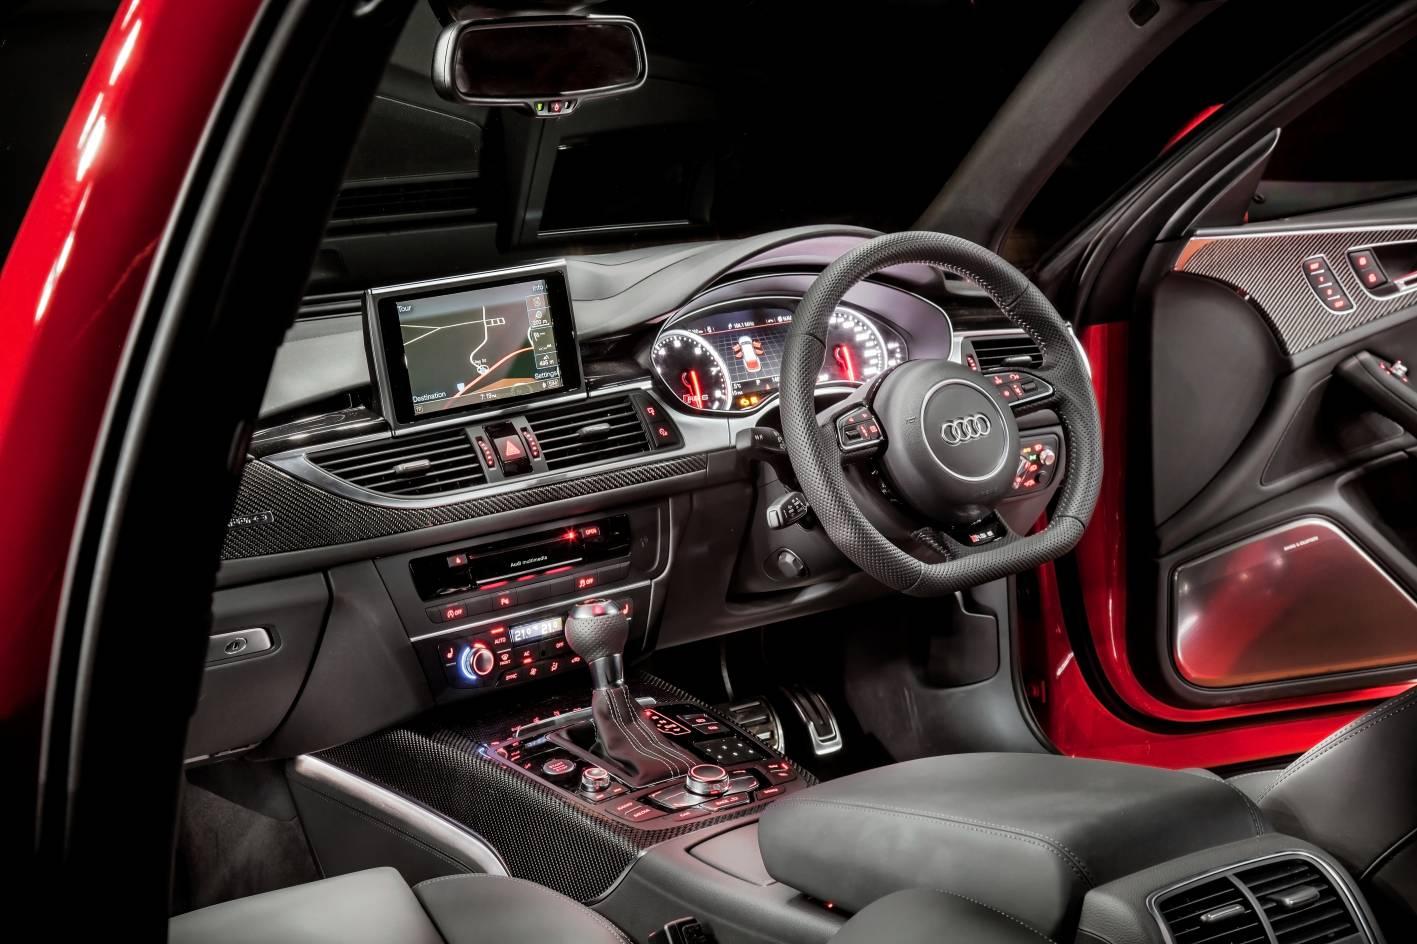 2013 Audi Rs6 Avant Interior Forcegt Com